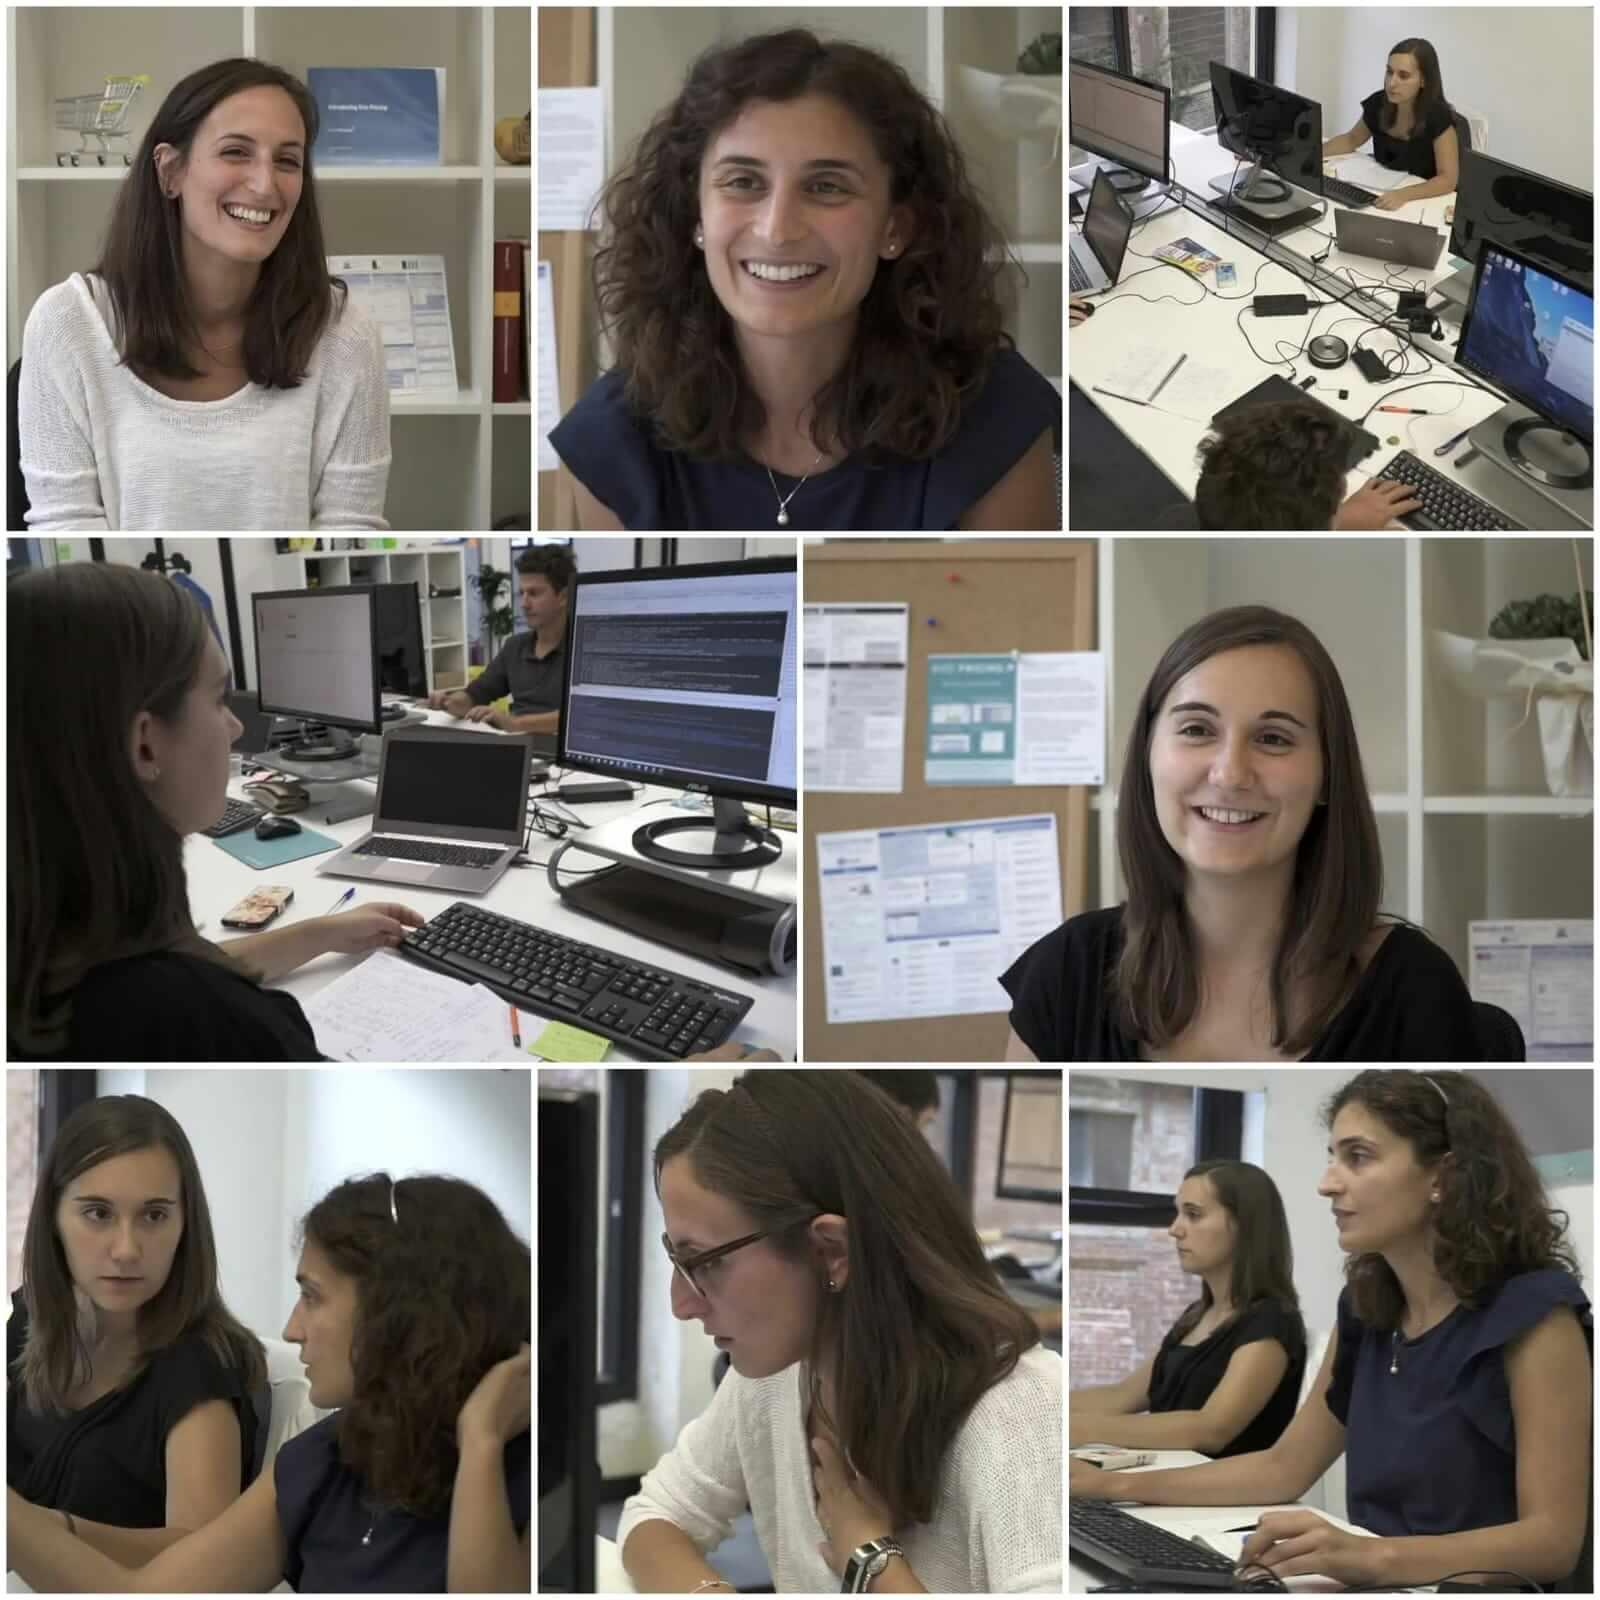 Evo's women in tech